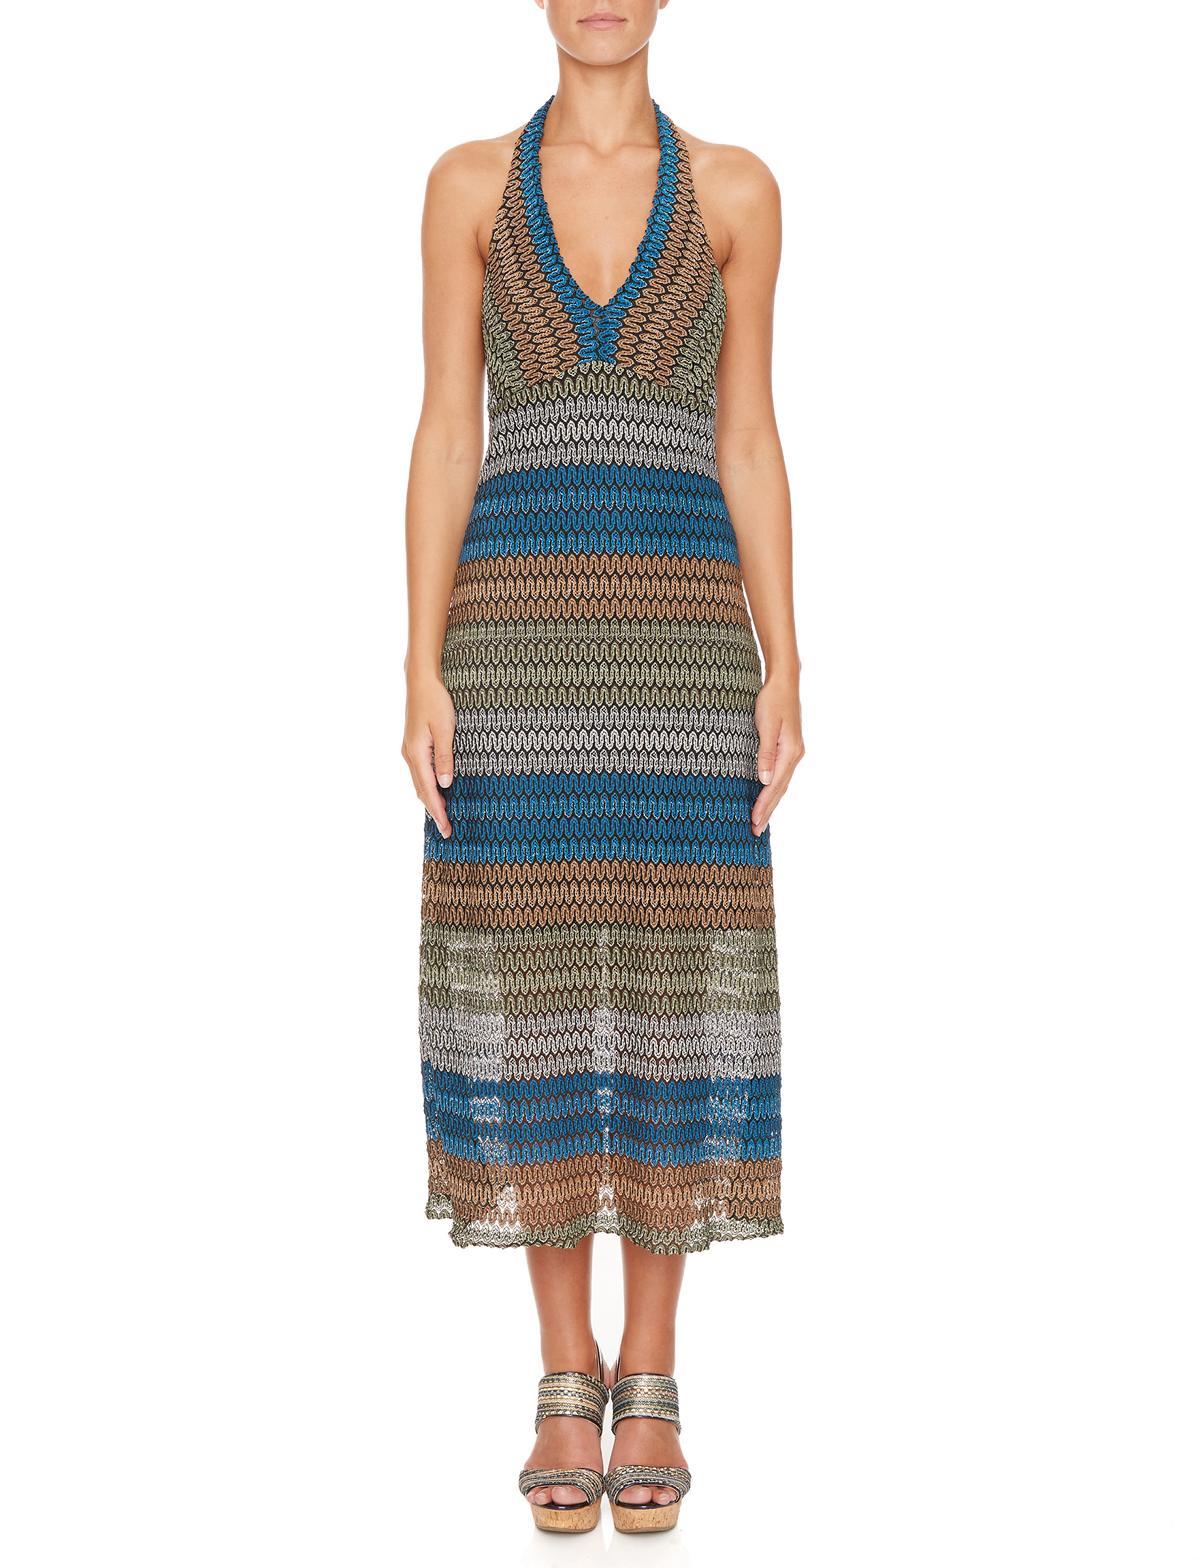 Vorderansicht von Ana Alcazar Midi Kleid Myrthea  angezogen an Model